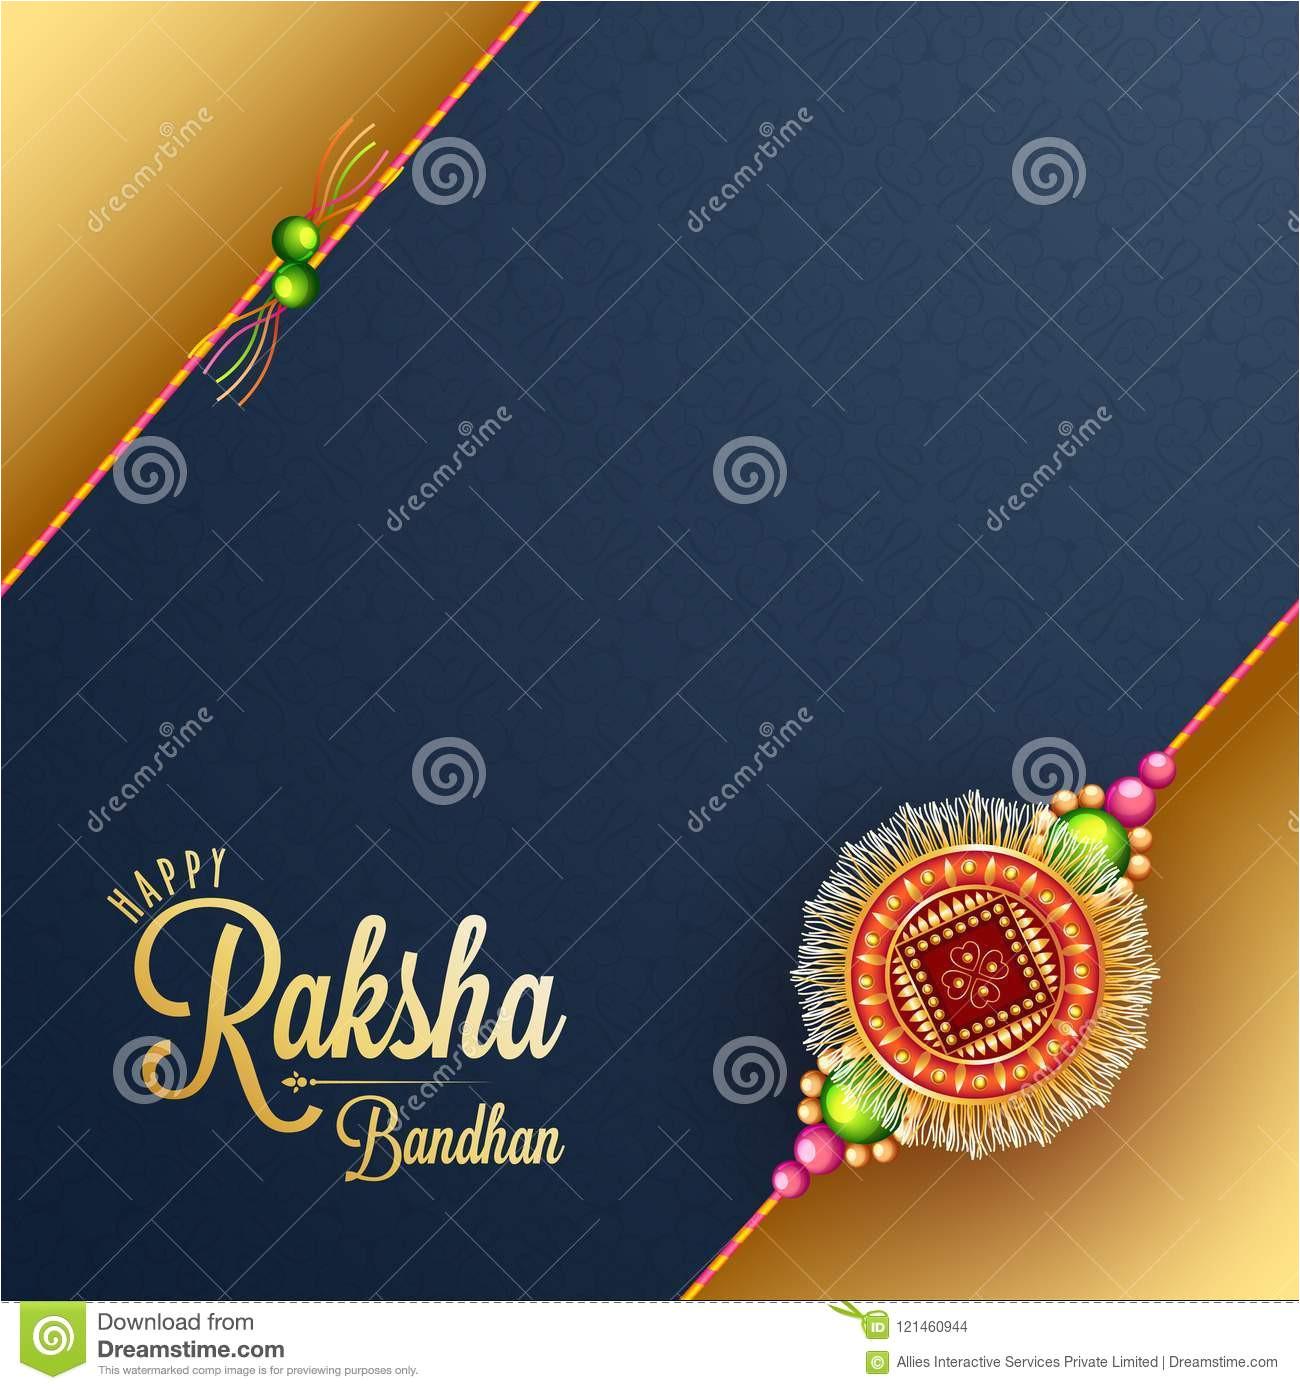 raksha bandhan greeting card design illustration beautif beautiful rakhi seamless pattern background image